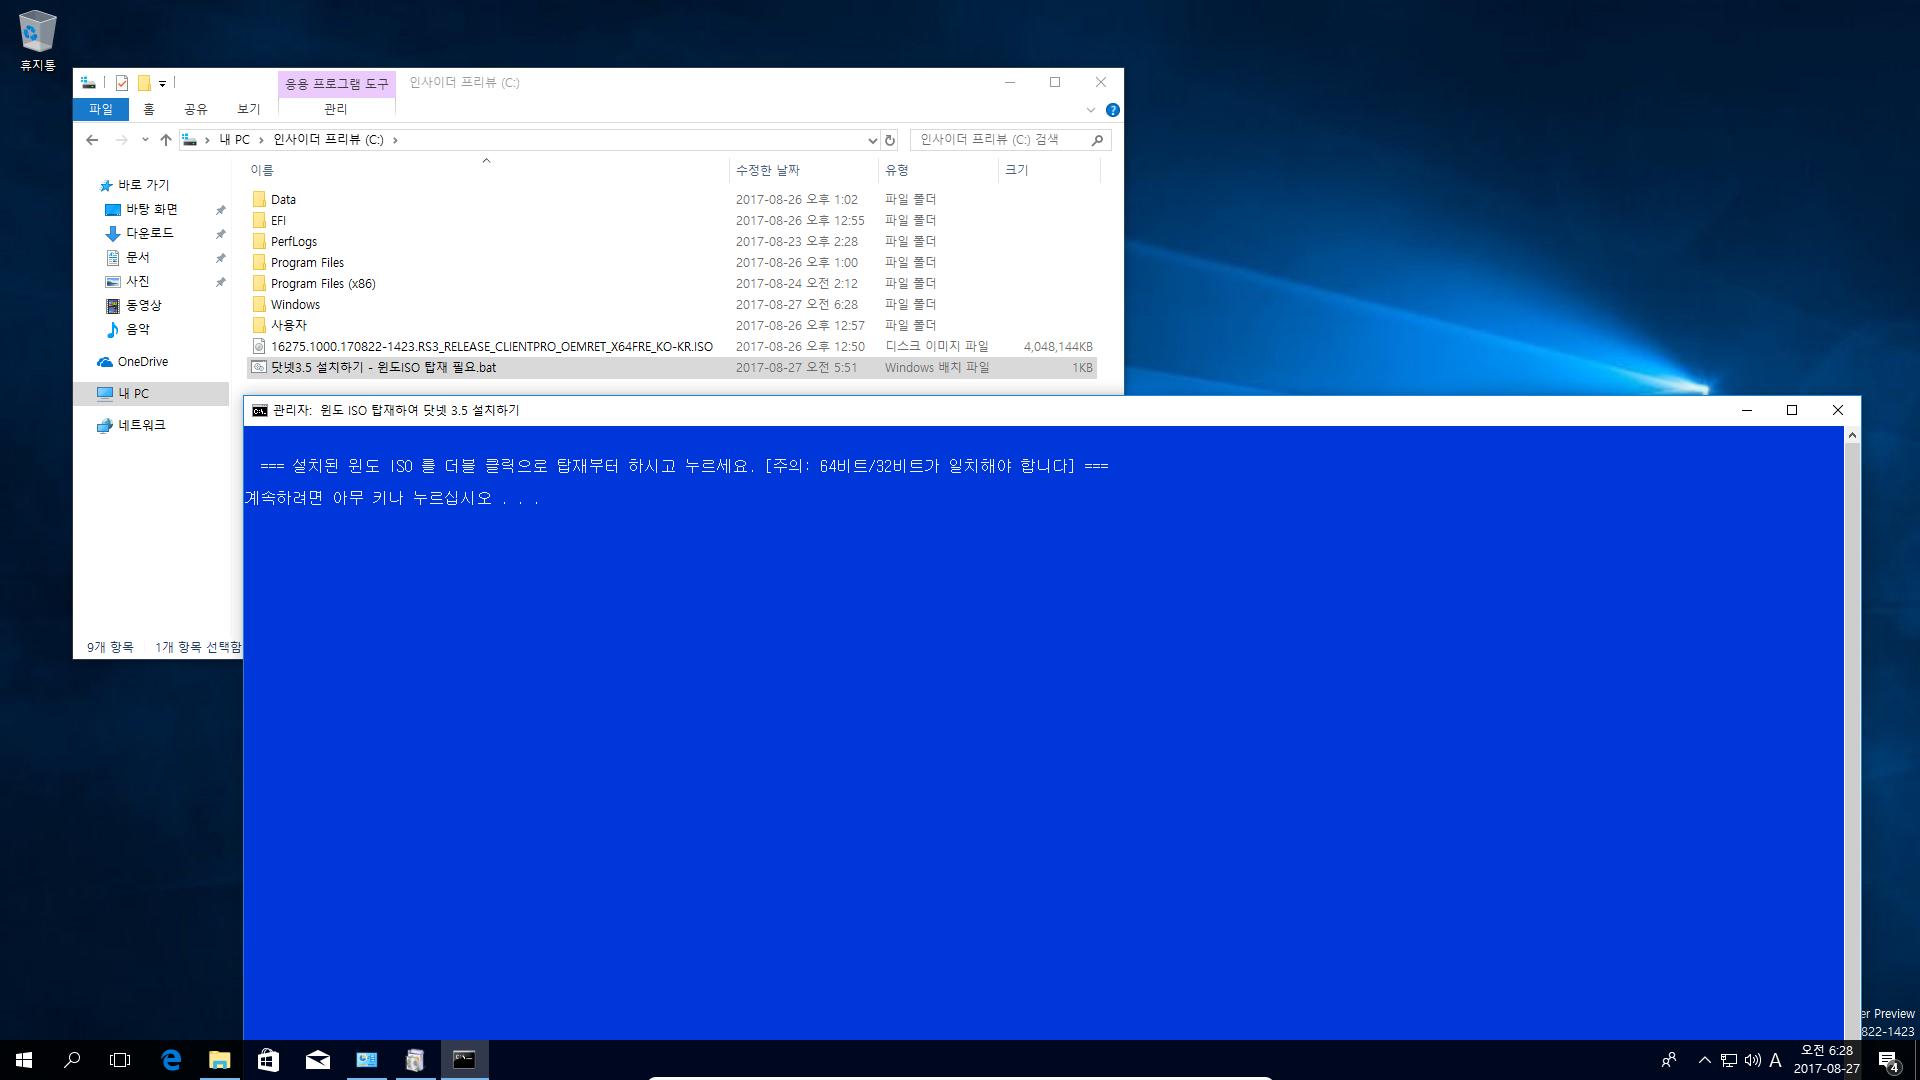 닷넷3.5 설치하기 - 윈도ISO 탑재 필요.bat 테스트 2017-08-27_062851.png